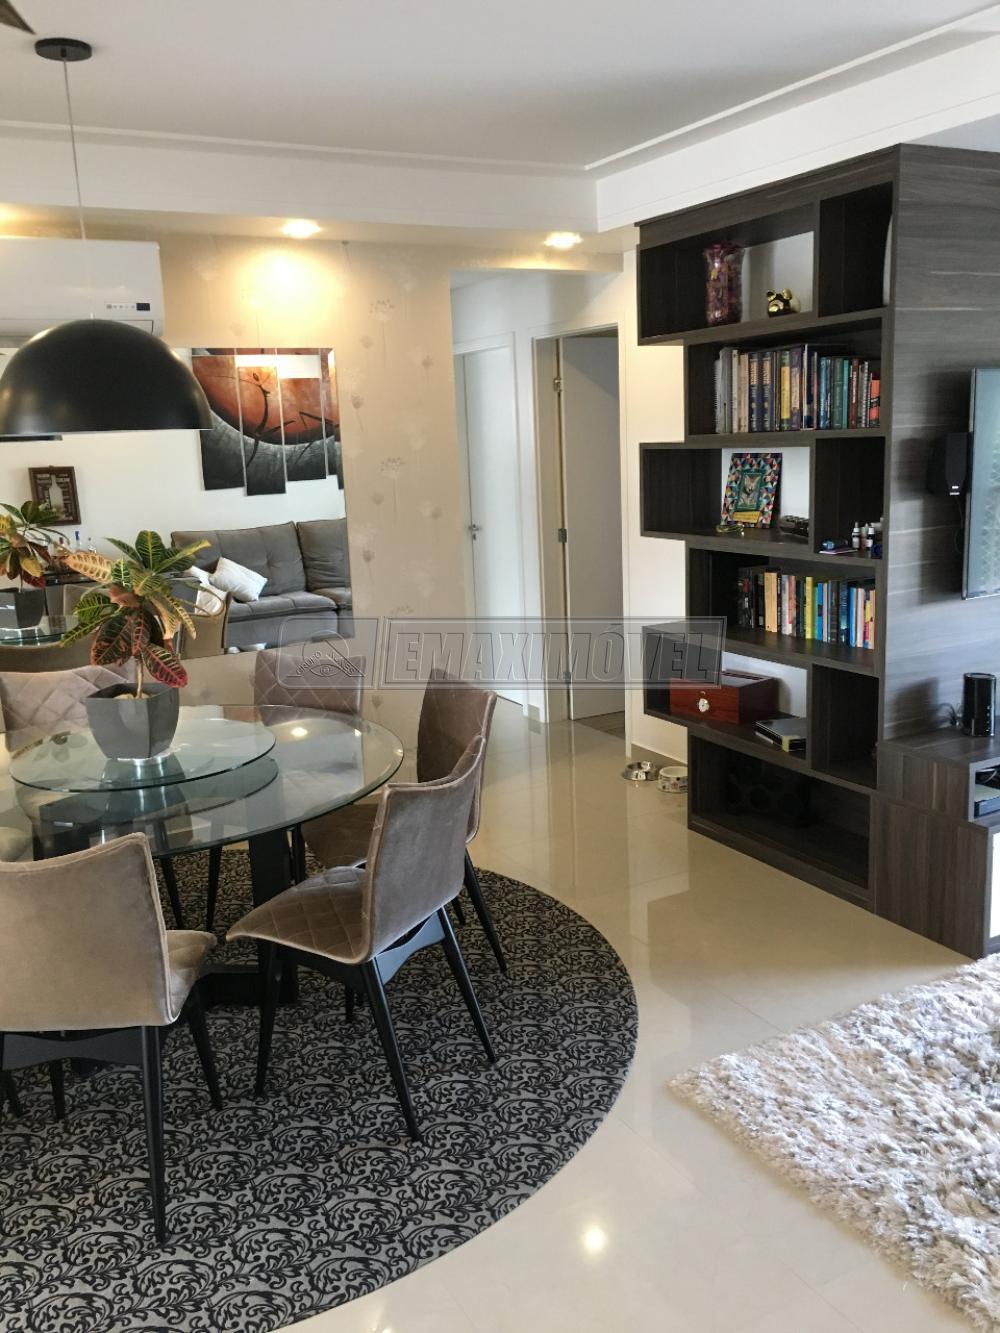 Comprar Apartamentos / Apto Padrão em Sorocaba apenas R$ 580.000,00 - Foto 5